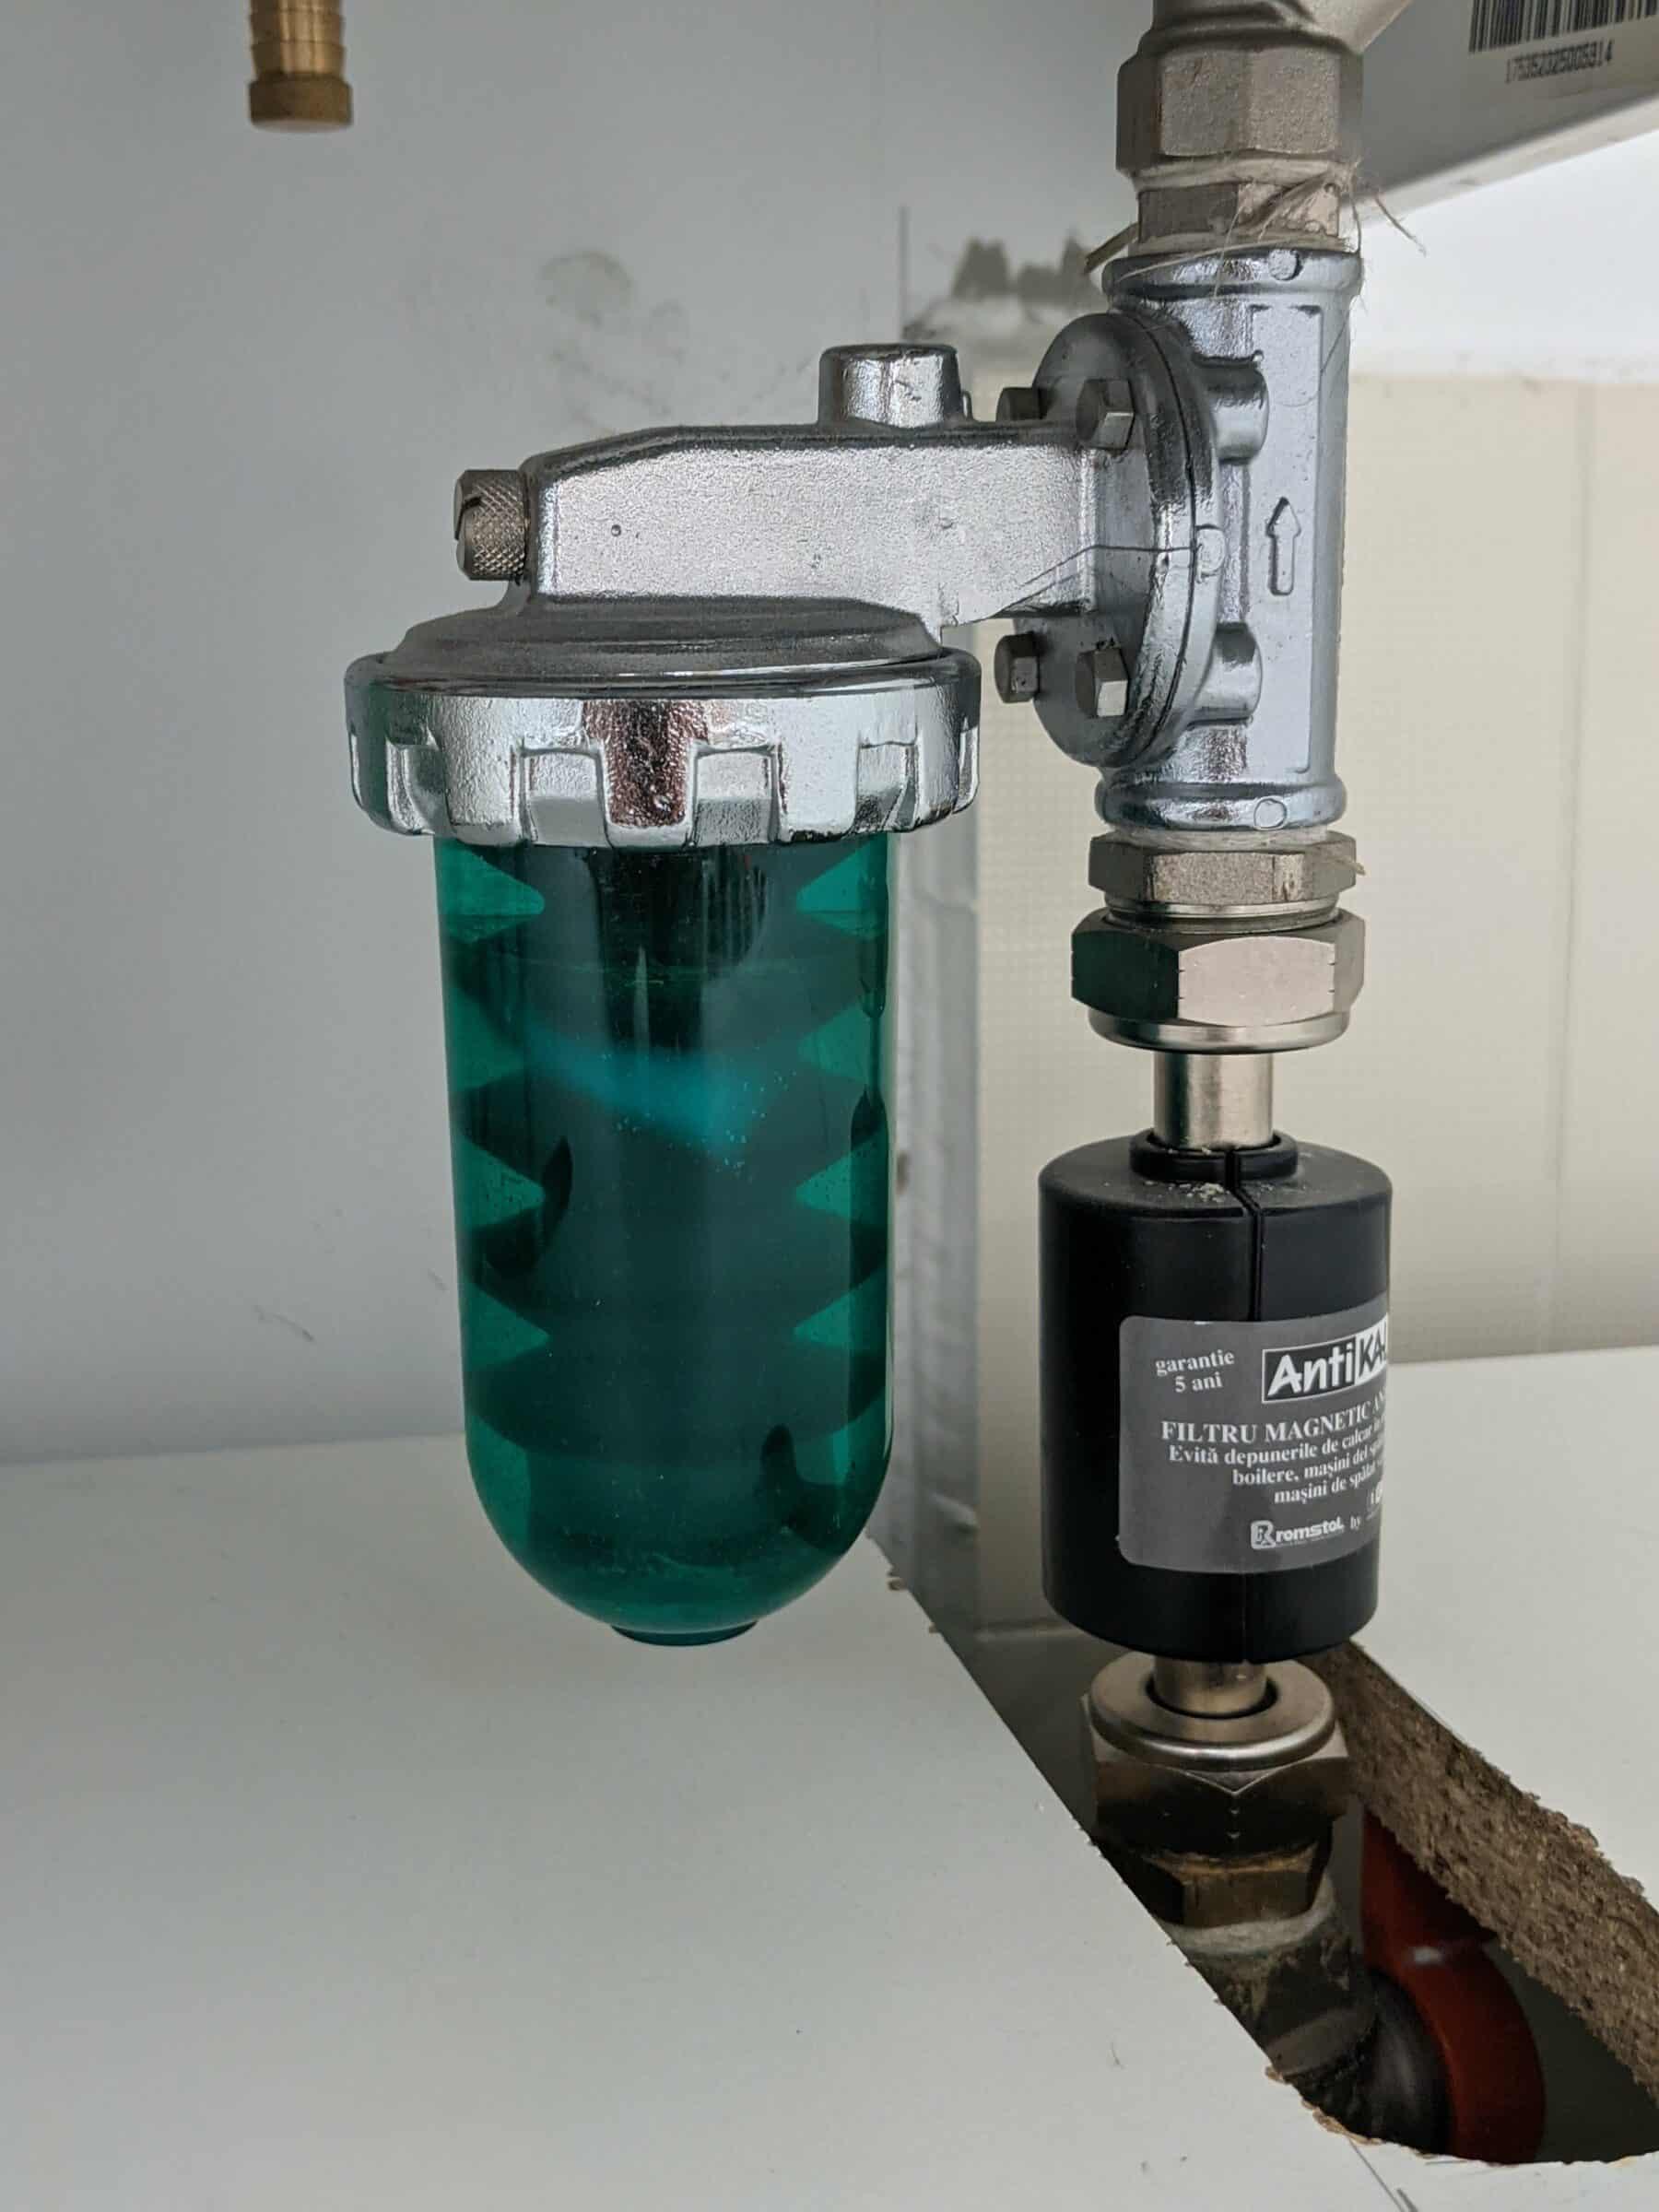 Filtru antimagnetita dupa 5 ani 160 m² calorifere otel